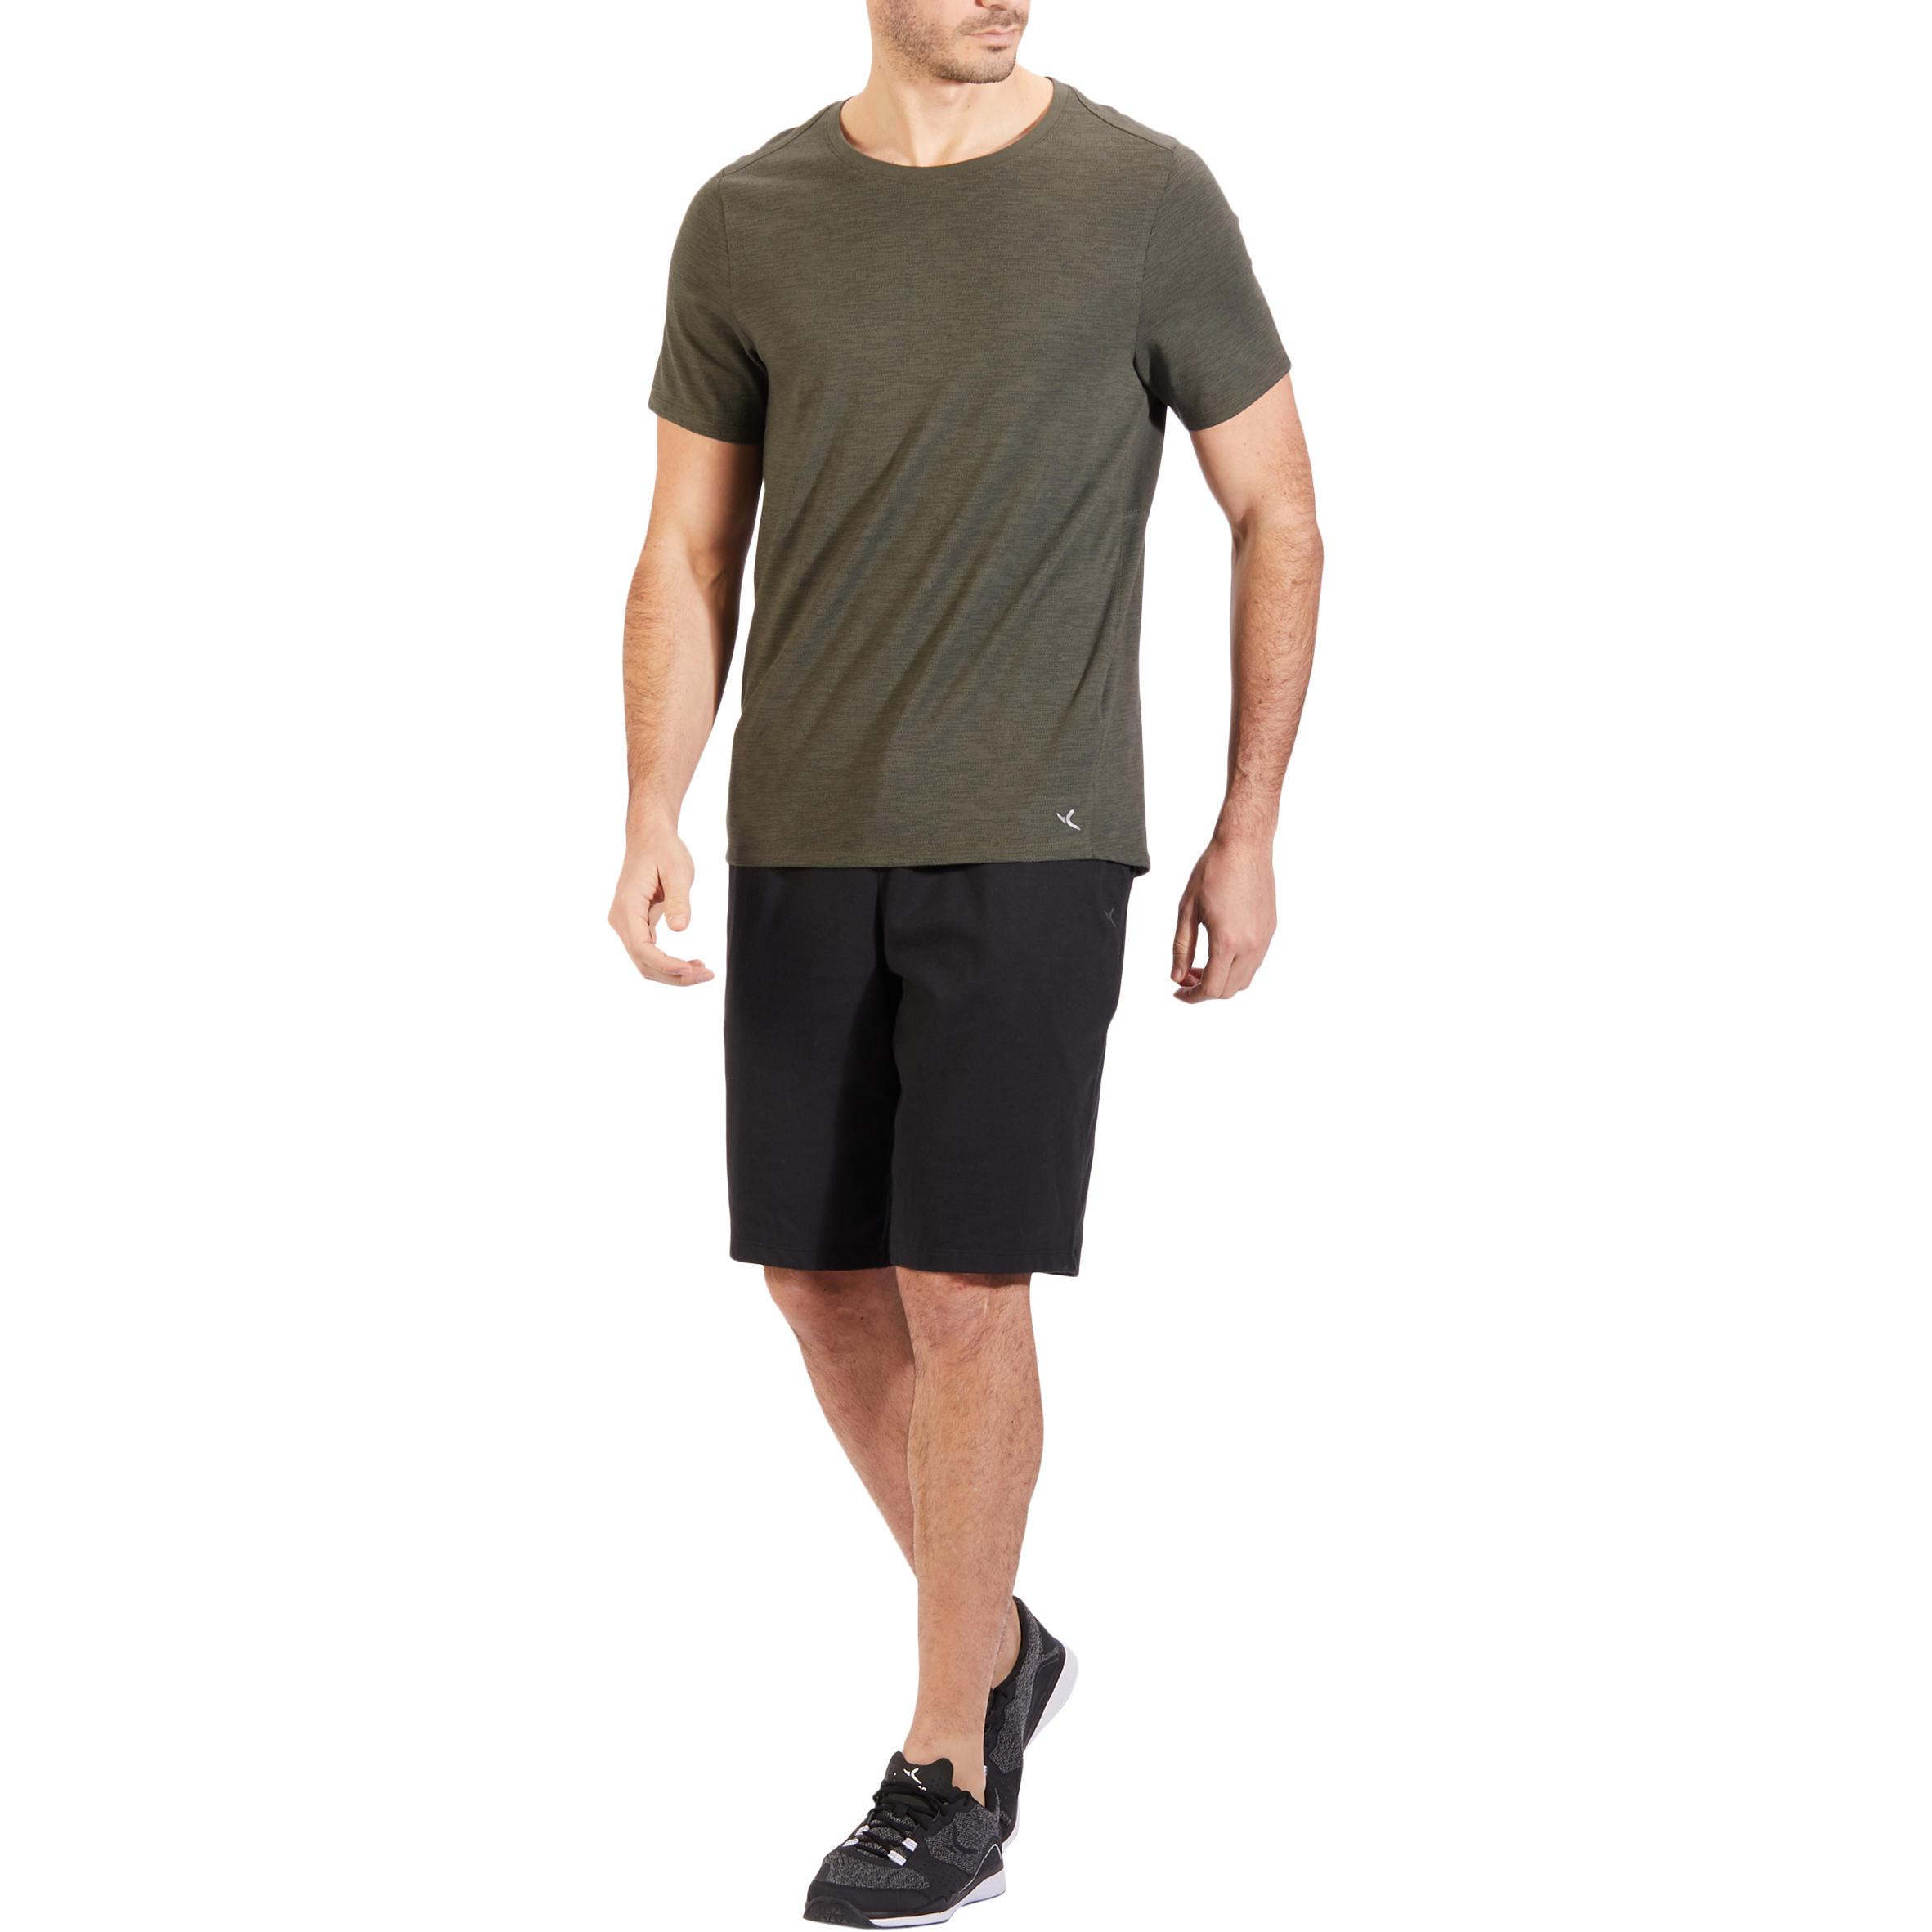 500 Regular-Fit Knee-Length Pilates & Gentle Gym Shorts - Black